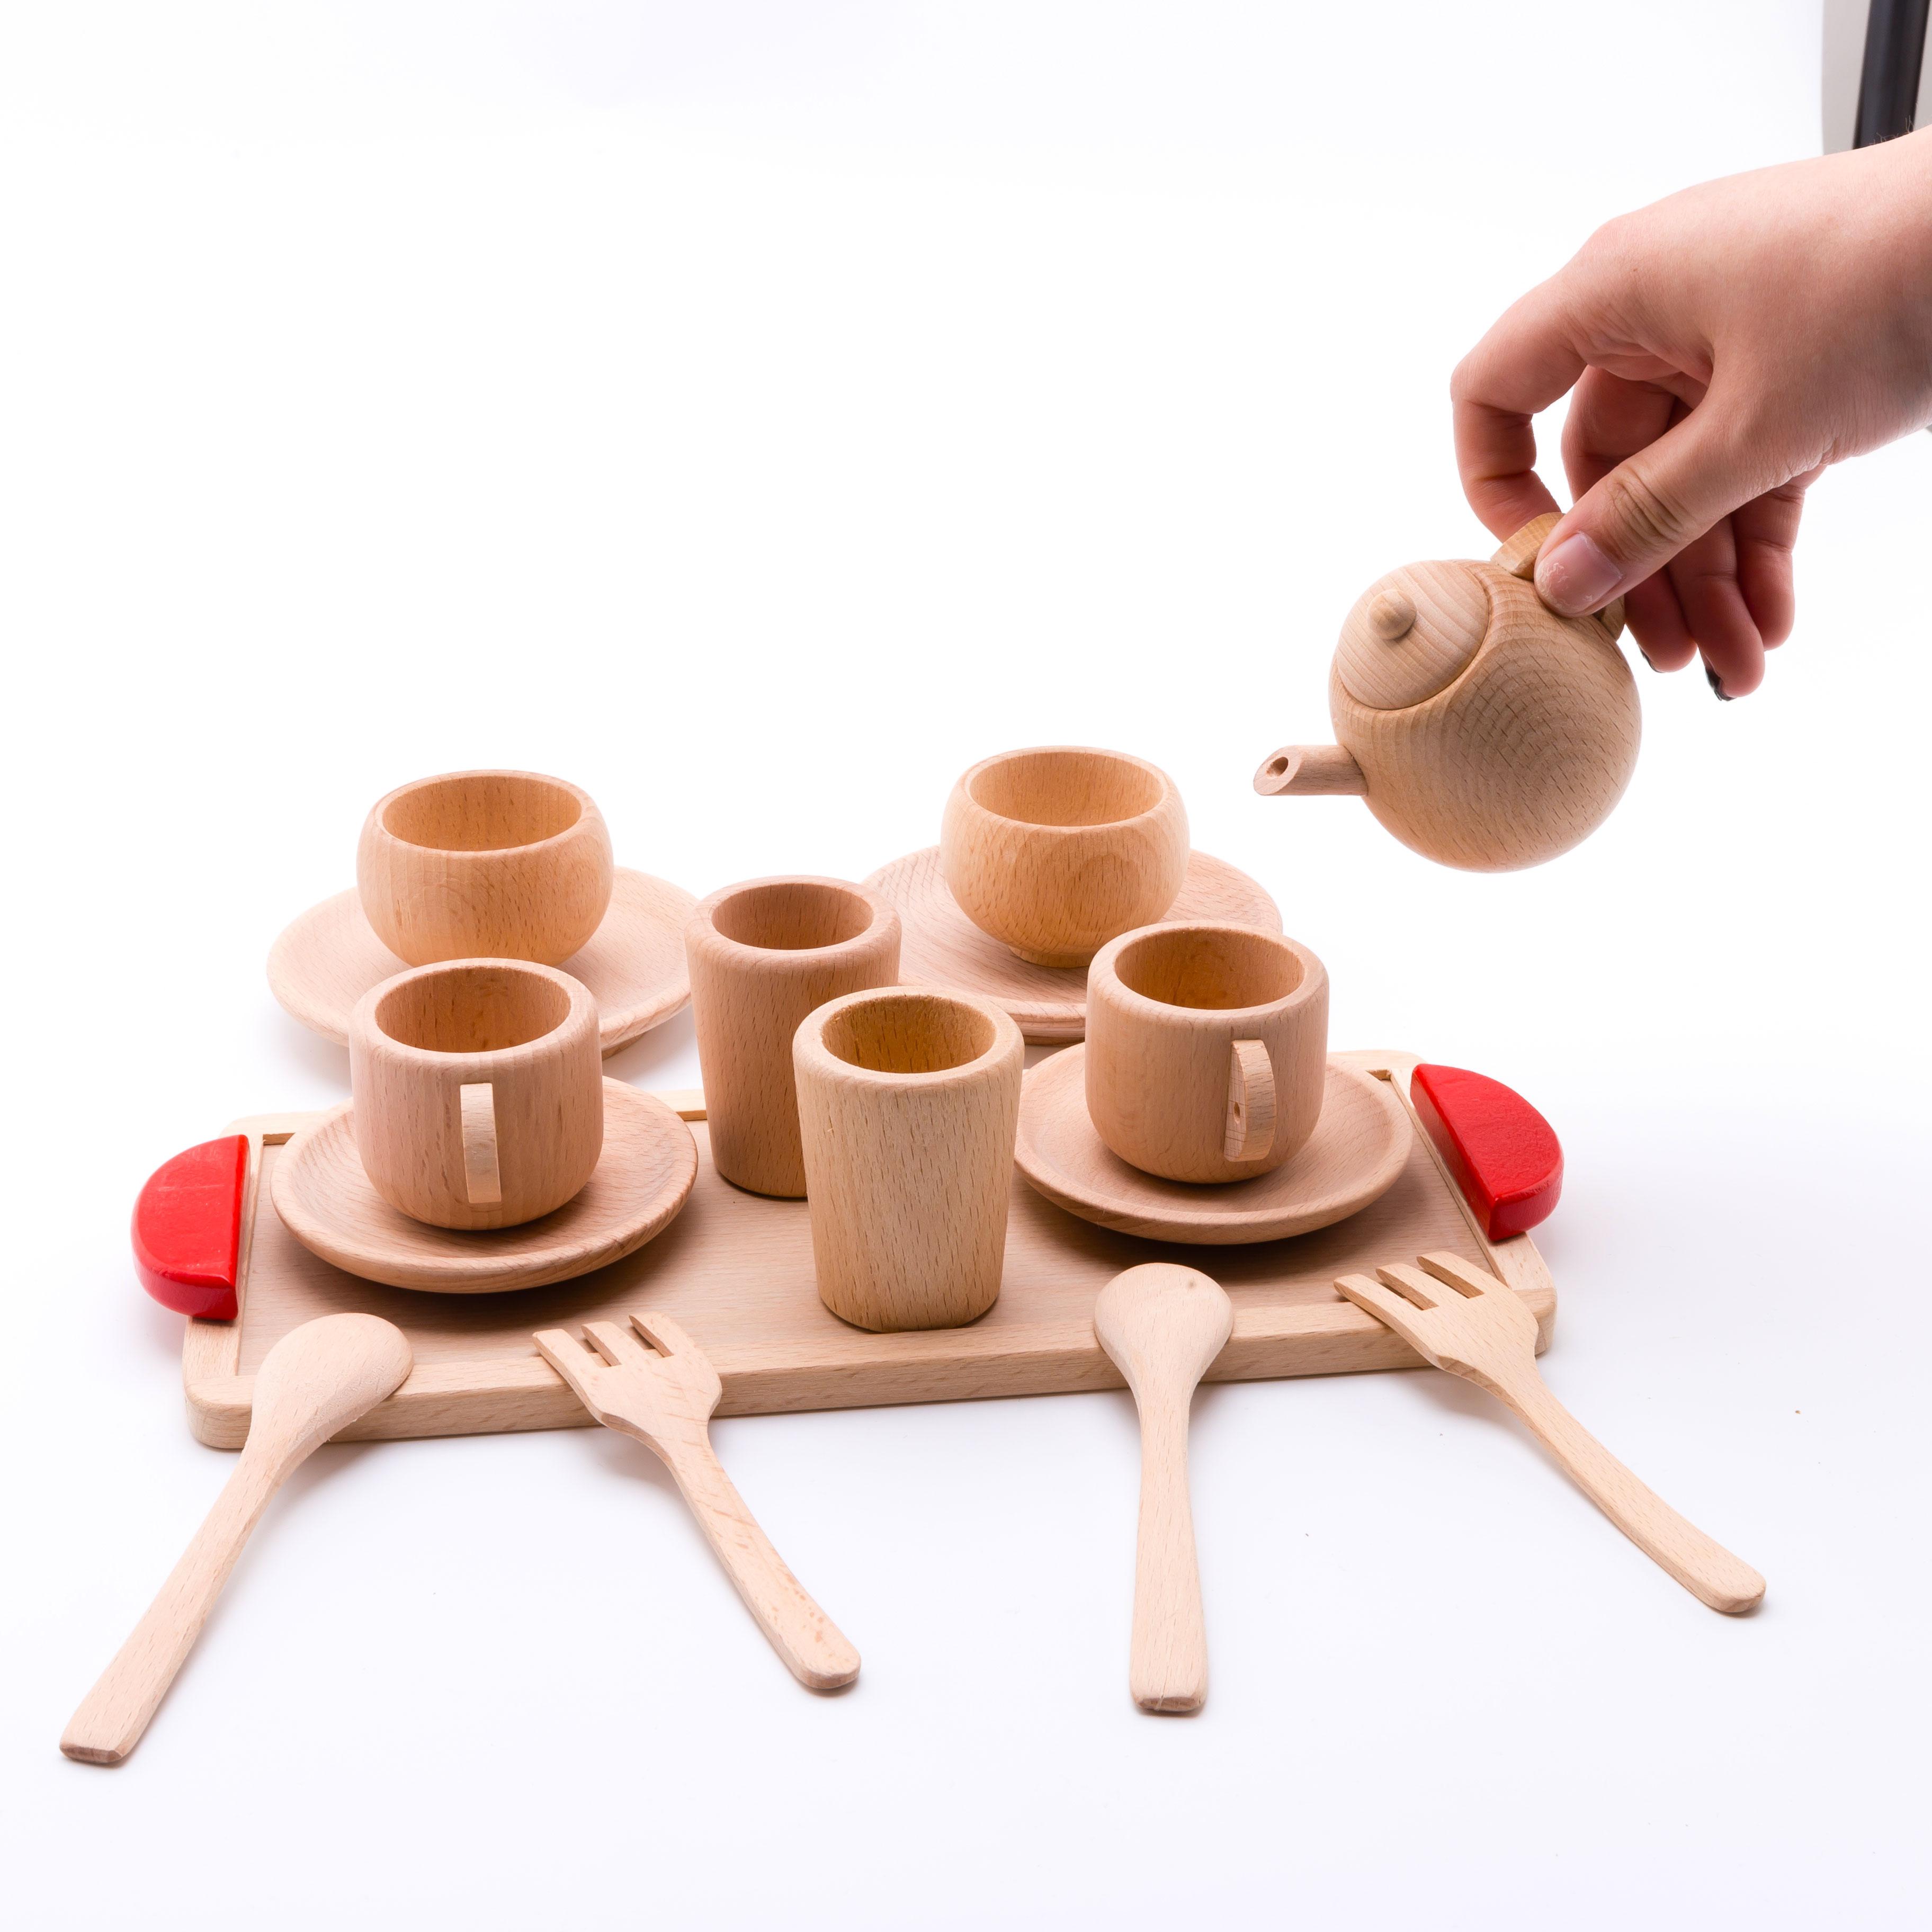 Juguete de madera para bebé, juguetes de cocina, juego de simulación, cortar frutas, verduras, Mini taza de café o té de haya sólida, juego de Educación Temprana, juguetes de comida